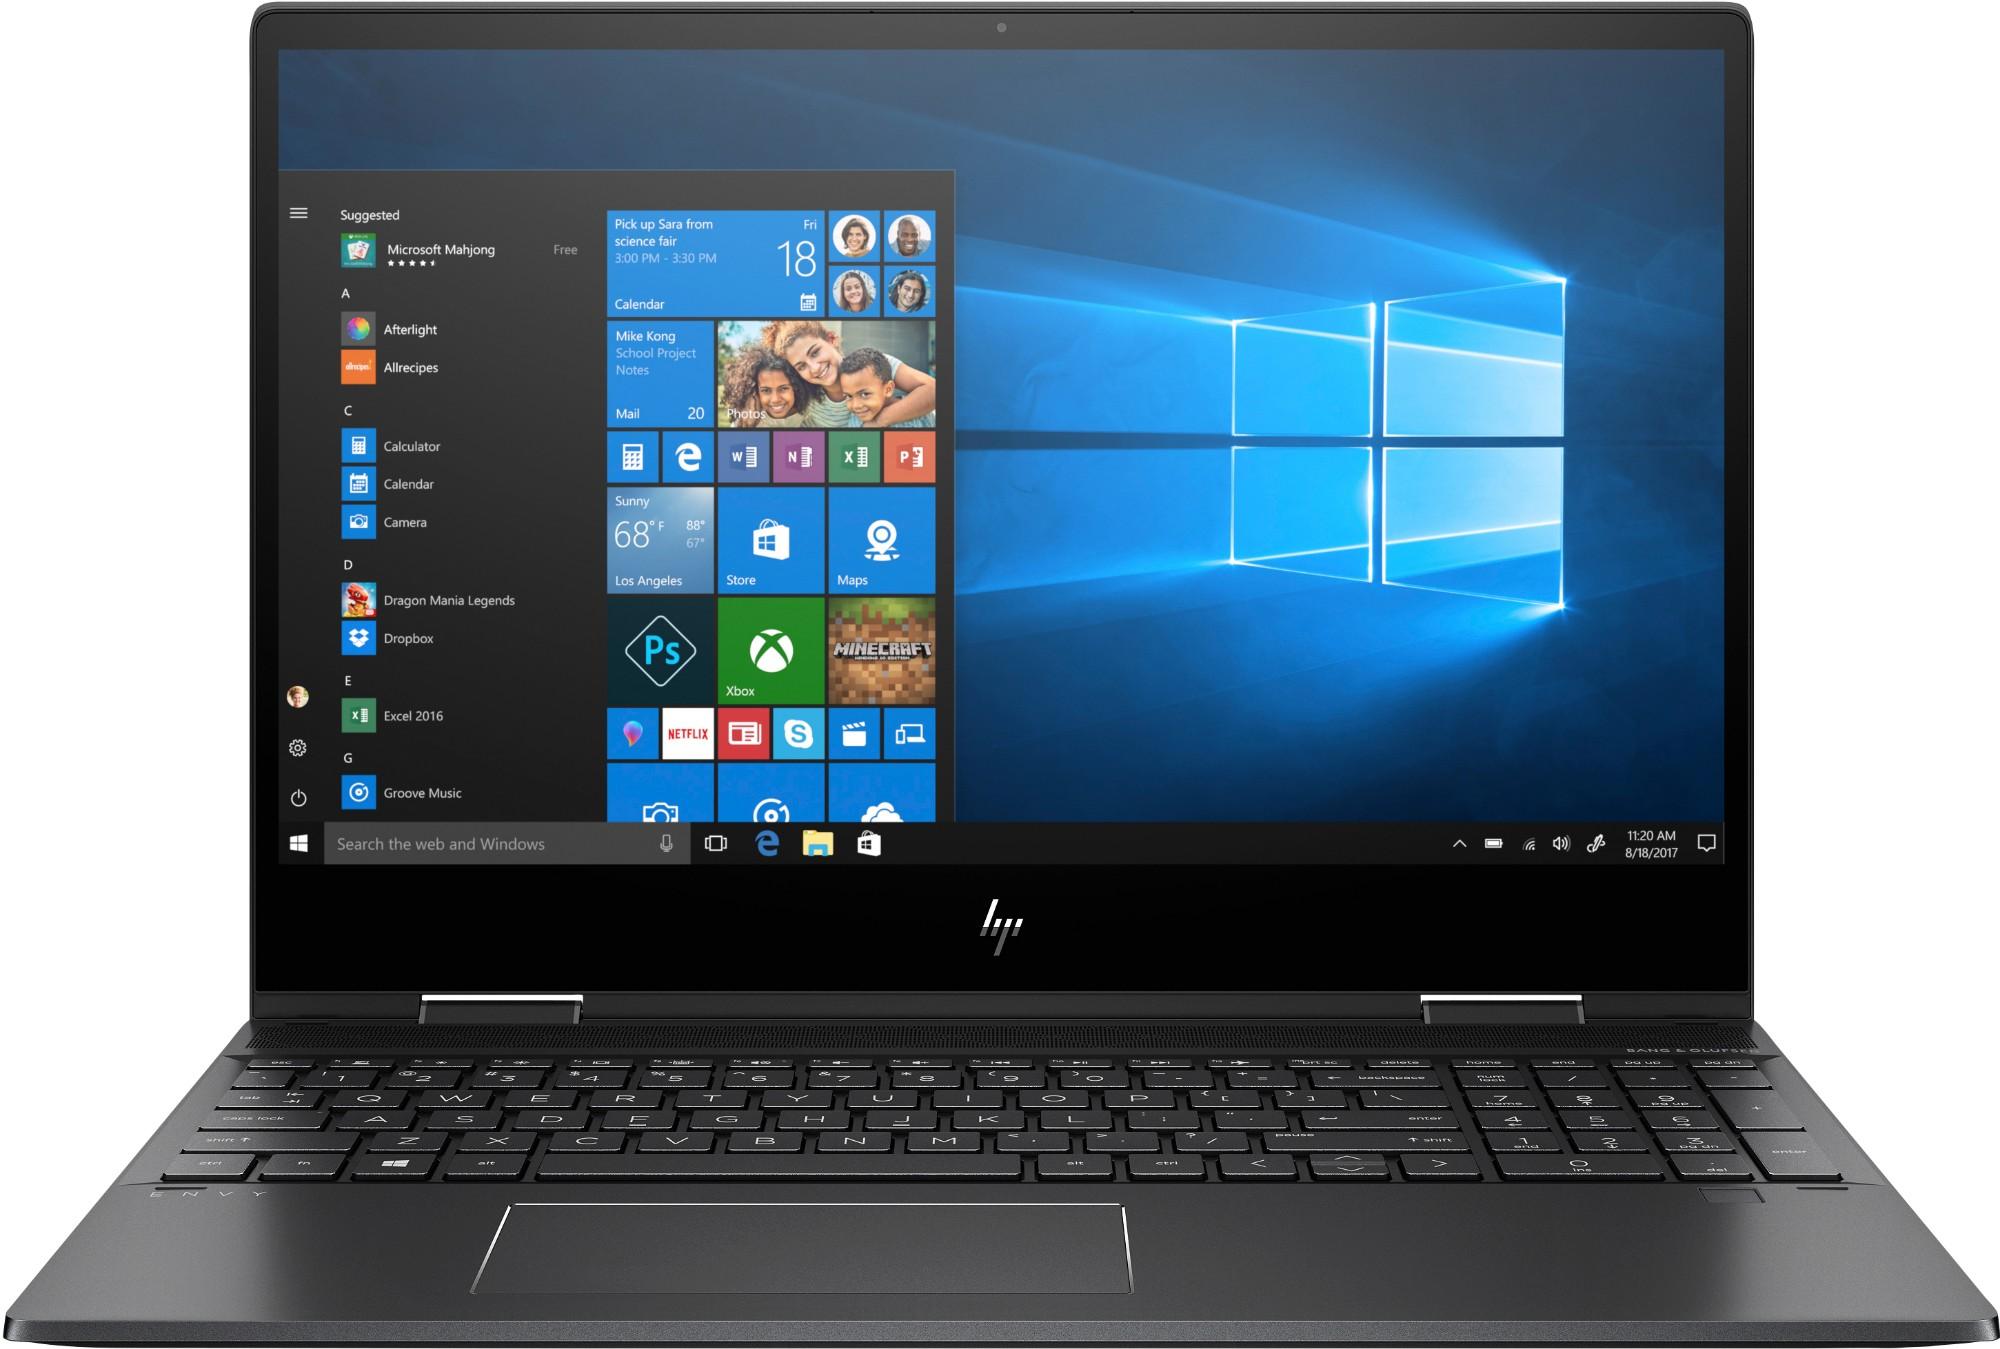 HP ENVY x360 15-ds0004na Black Hybrid (2-in-1) 39.6 cm (15.6